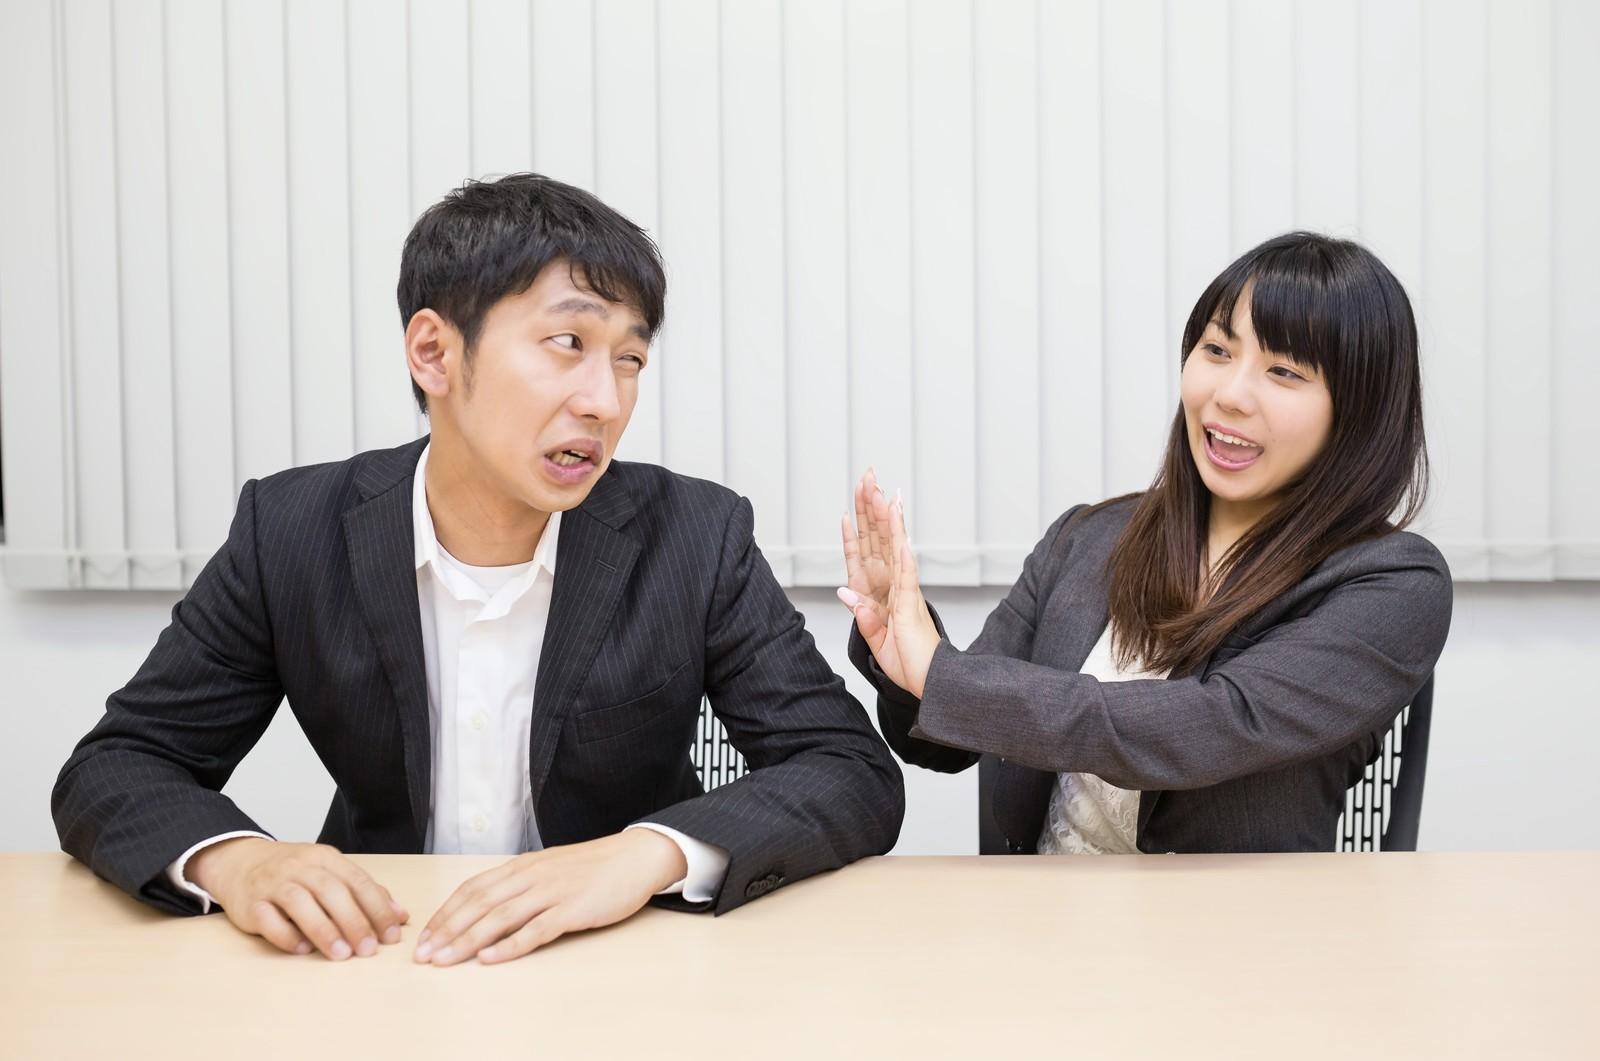 アムウェイに友達や上司に勧誘された時の断り方を紹介!誘われたらどうすべき?